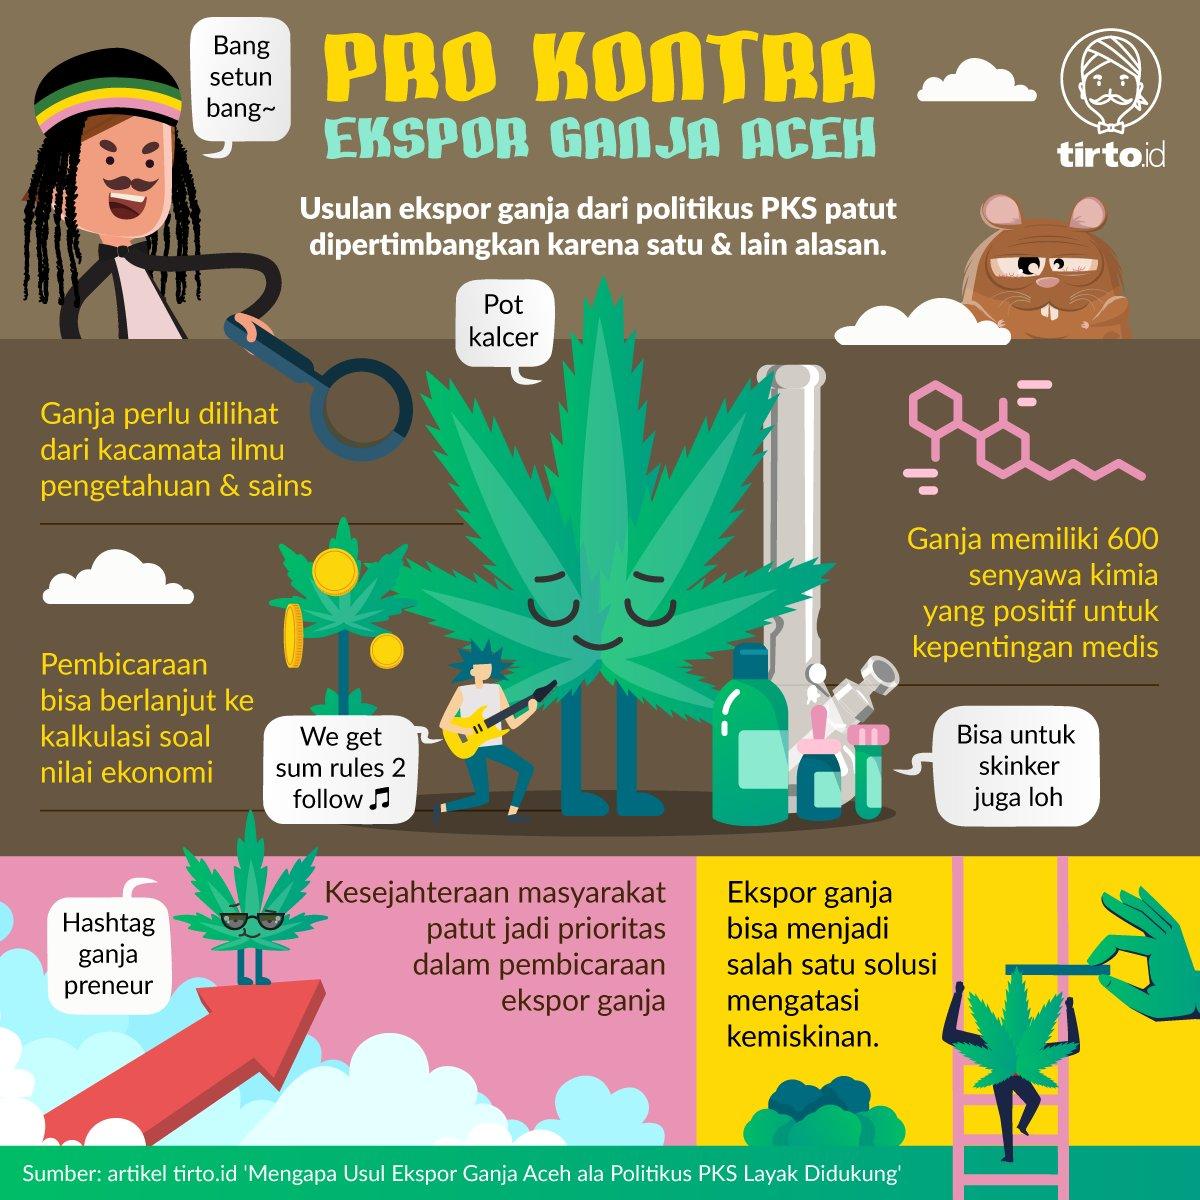 Usulan politikus PKS soal legalisasi ganja untuk kepentingan ekspor memunculkan perdebatan klasik ihwal pro dan kontra ganja. Bagaimana menurutmu? https://tirto.id/ev5l